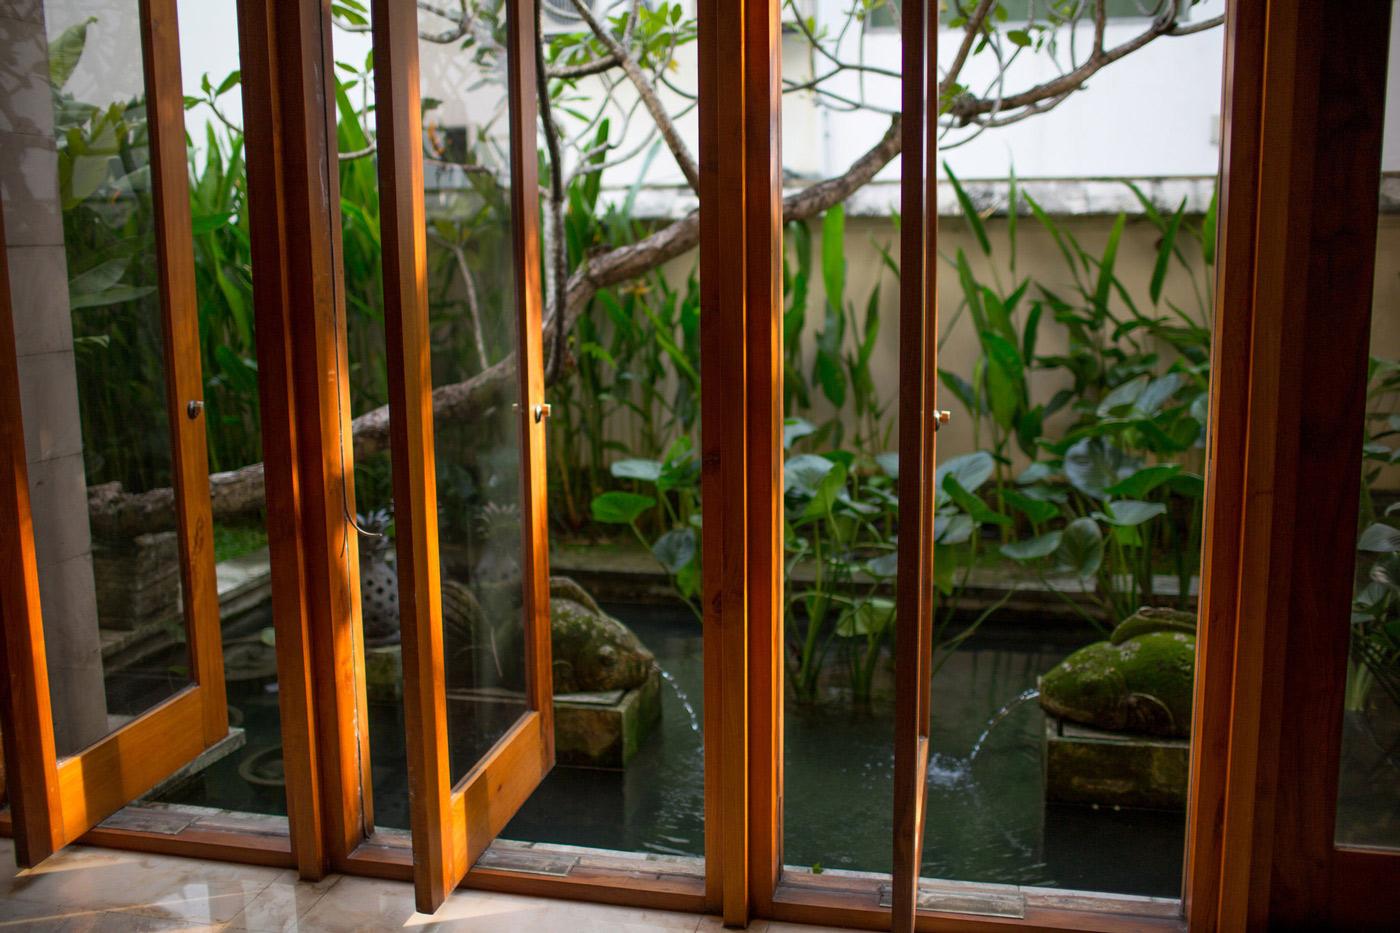 Water Feature, Windows, Home in Kuala Lumpur, Malaysia